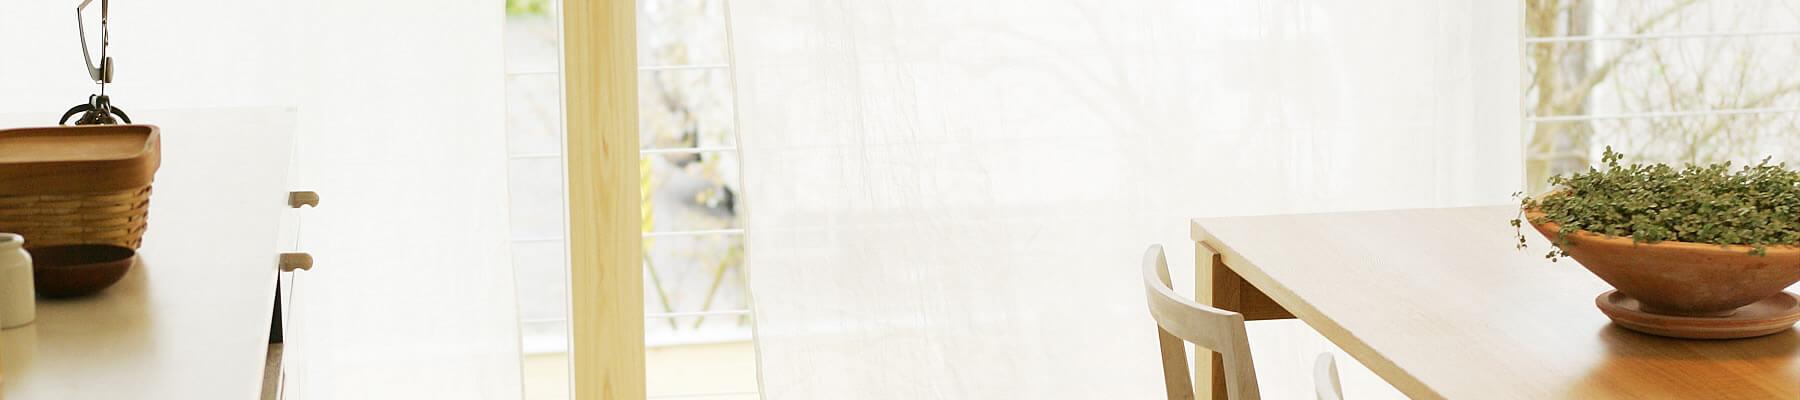 イベント情報|安水建設|愛知県三河エリアの木造注文住宅・リフォーム